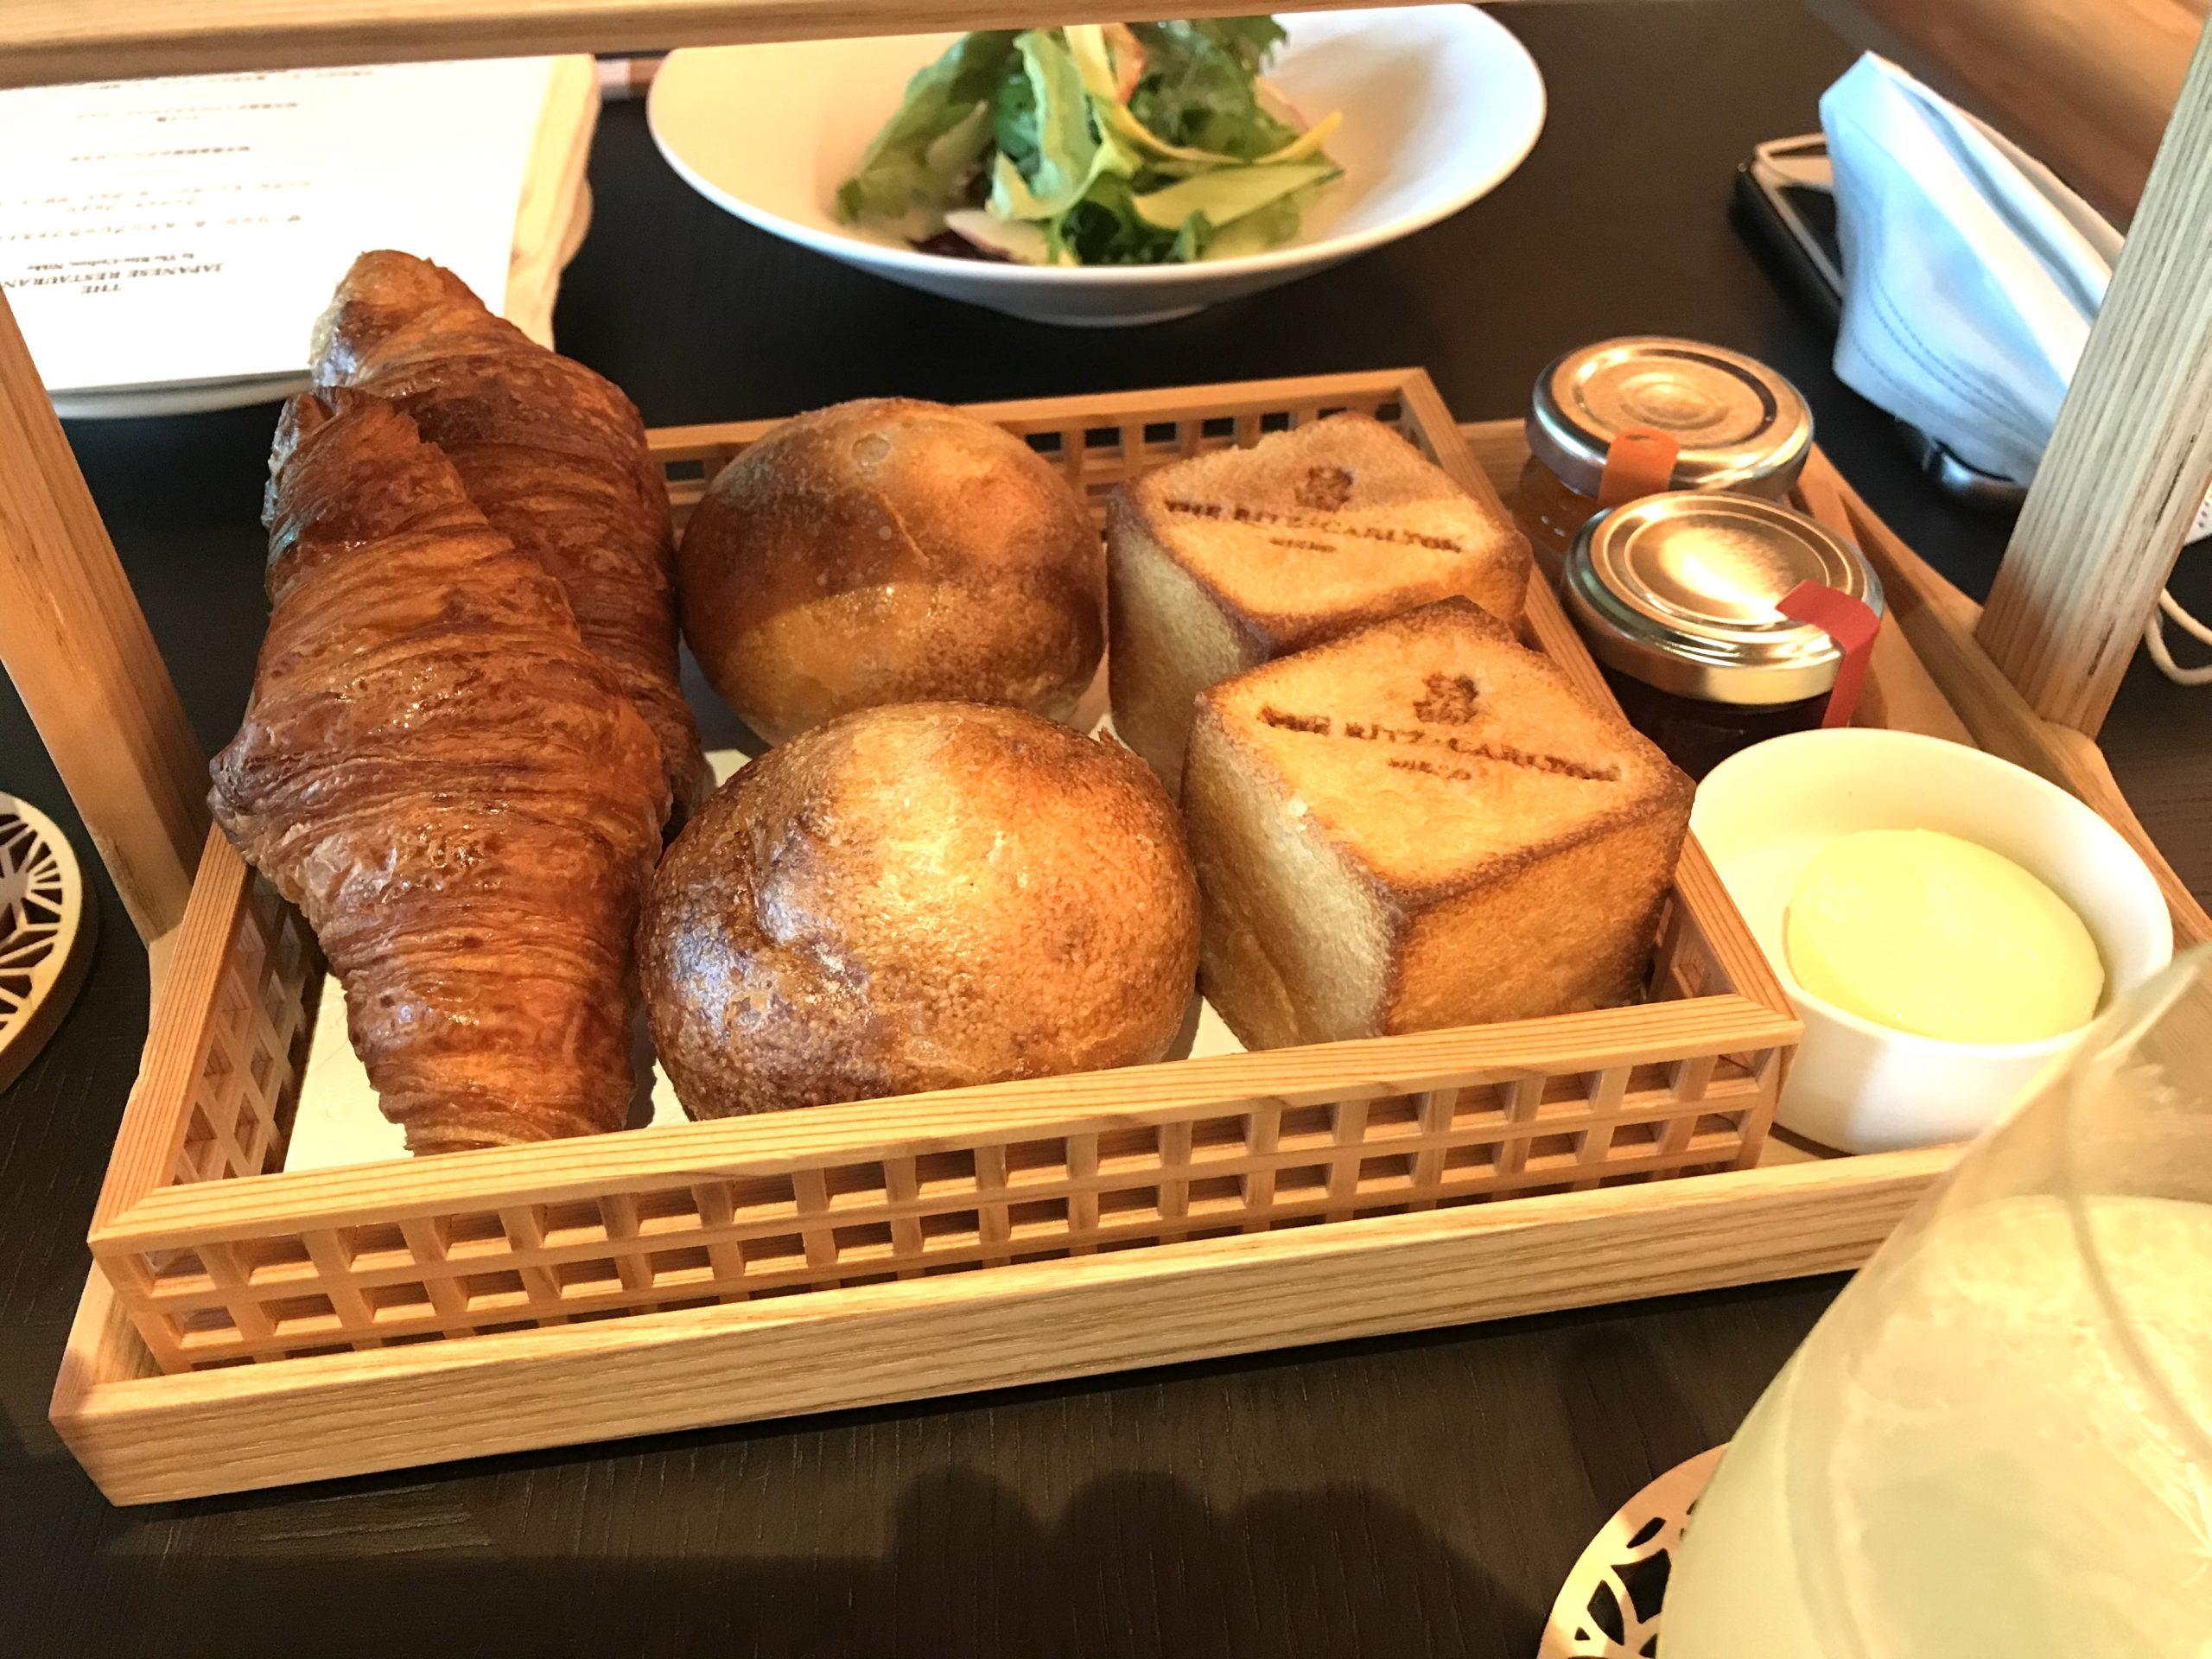 ザ・リッツ・カールトン日光朝食のパンの写真